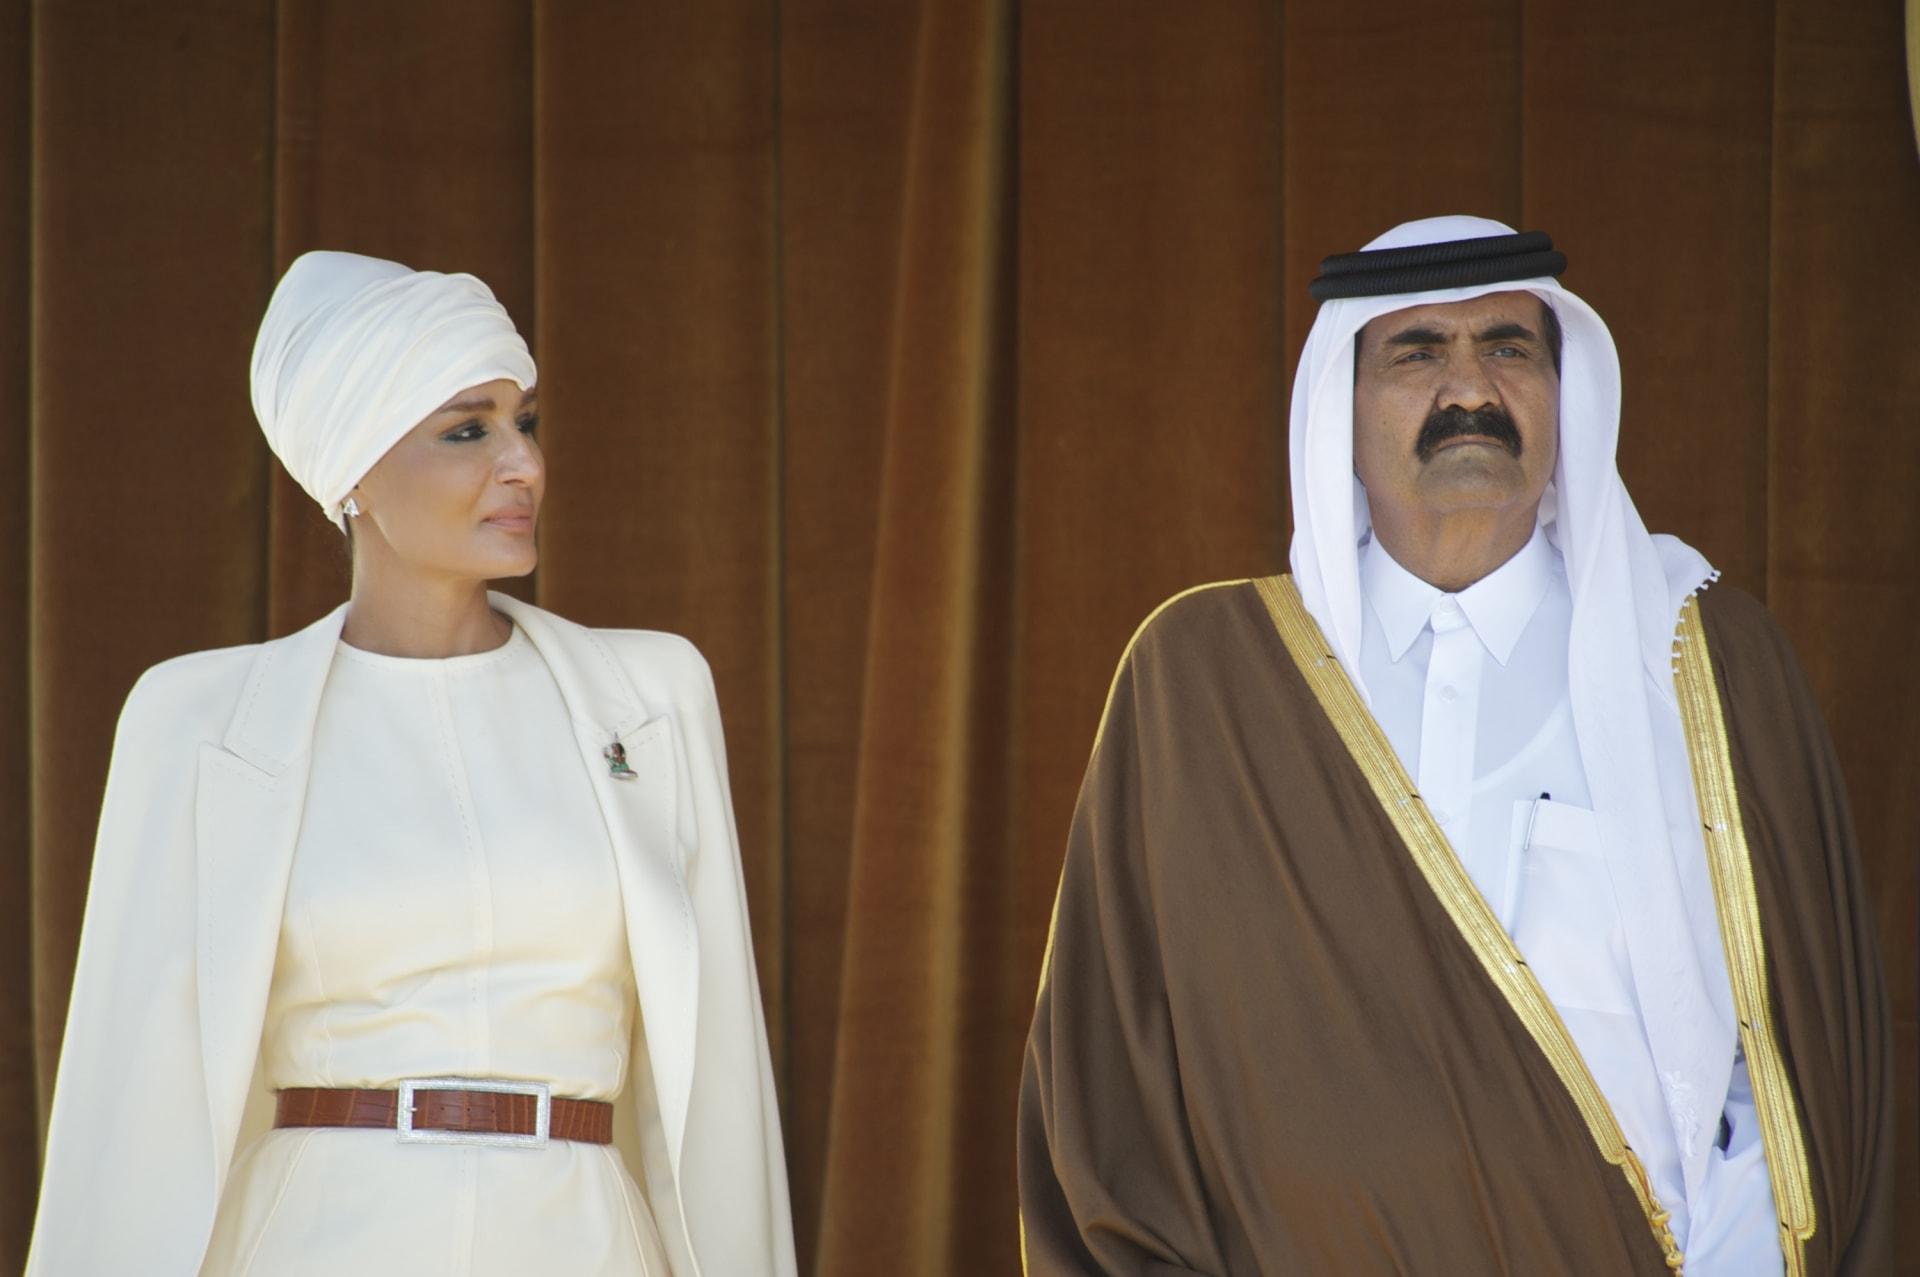 أردوغان عن ضجة شراء الشيخة موزا والدة أمير قطر أرض في تركيا: ملك السعودية اشترى أرضا سابقا